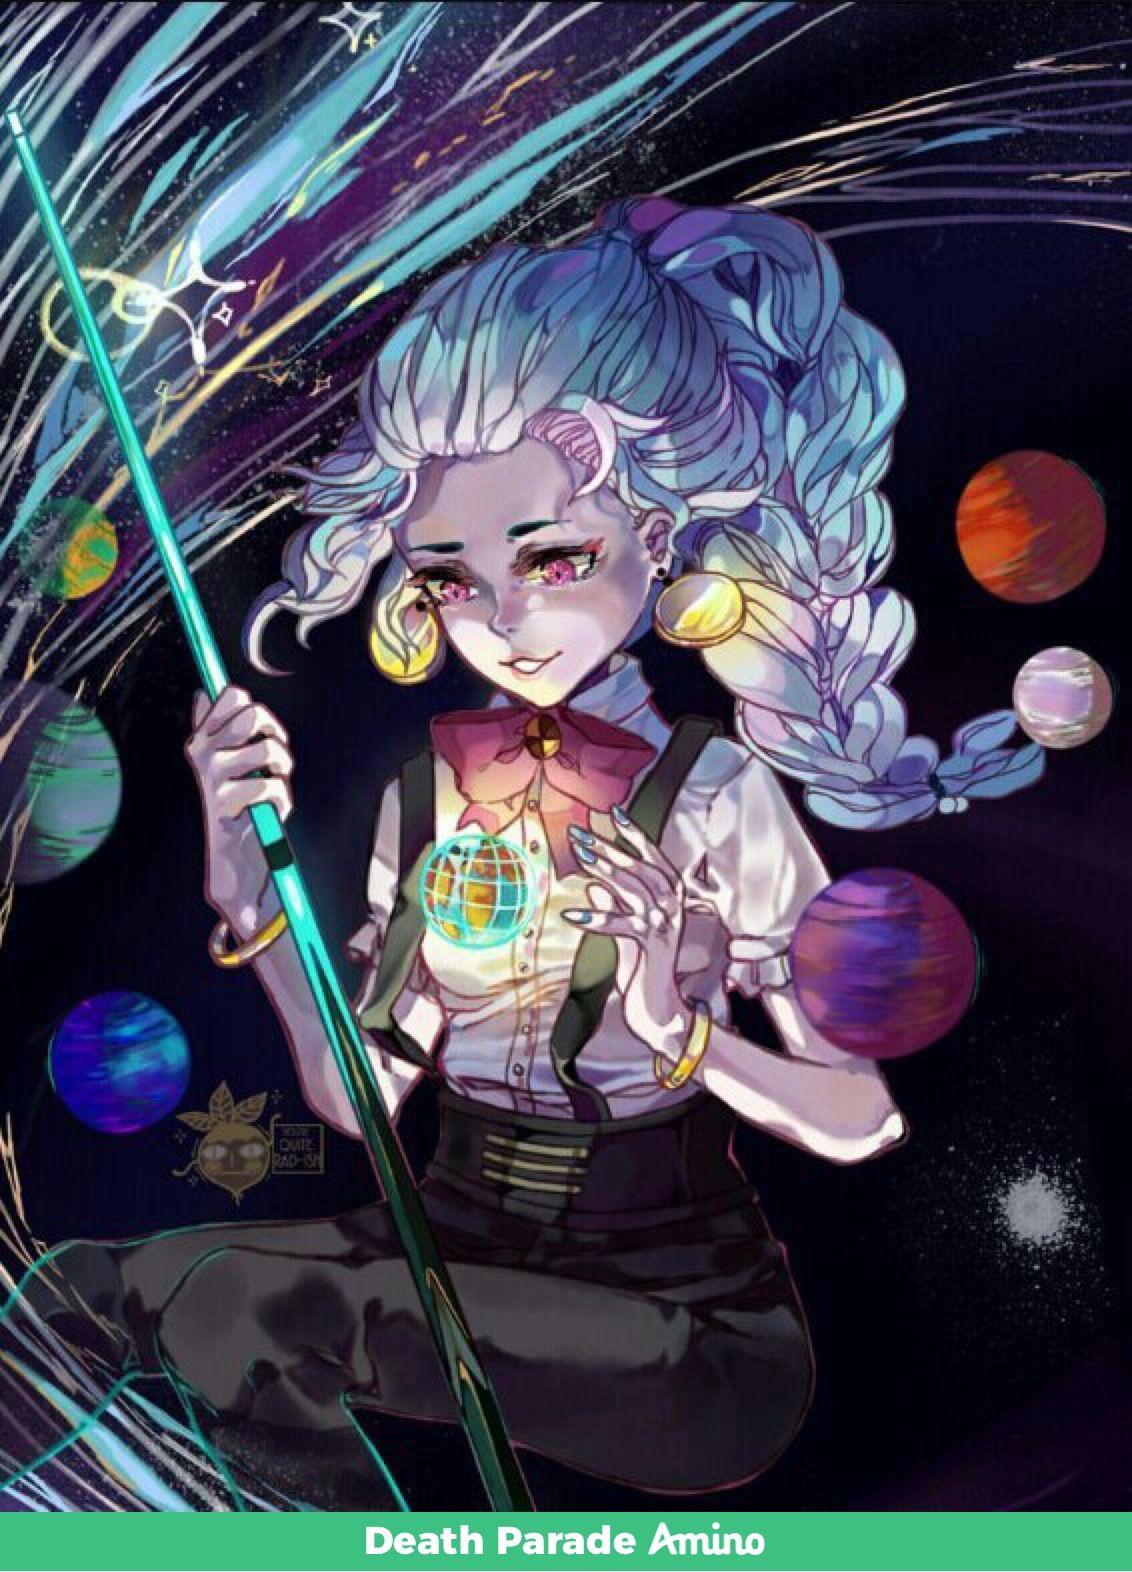 Http Aminoapps Com P Z5prmx Death Parade Anime Shows Parades